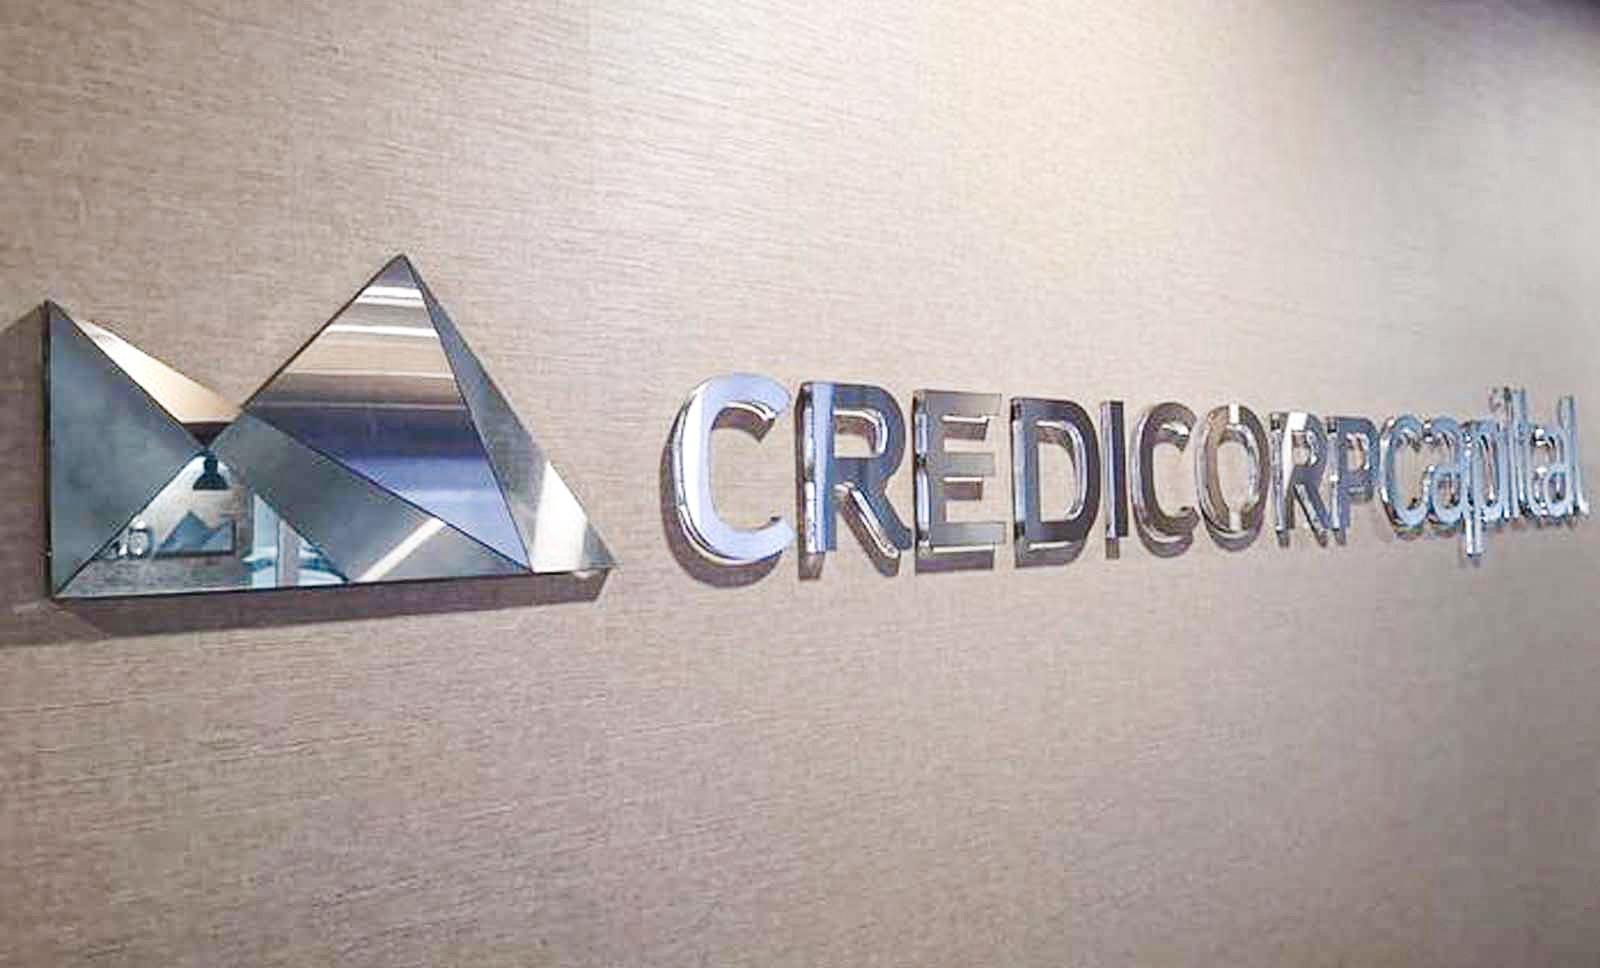 credicorp-e-intercorp-son-las-empresas-mas-poderosas-del-paisnbsp